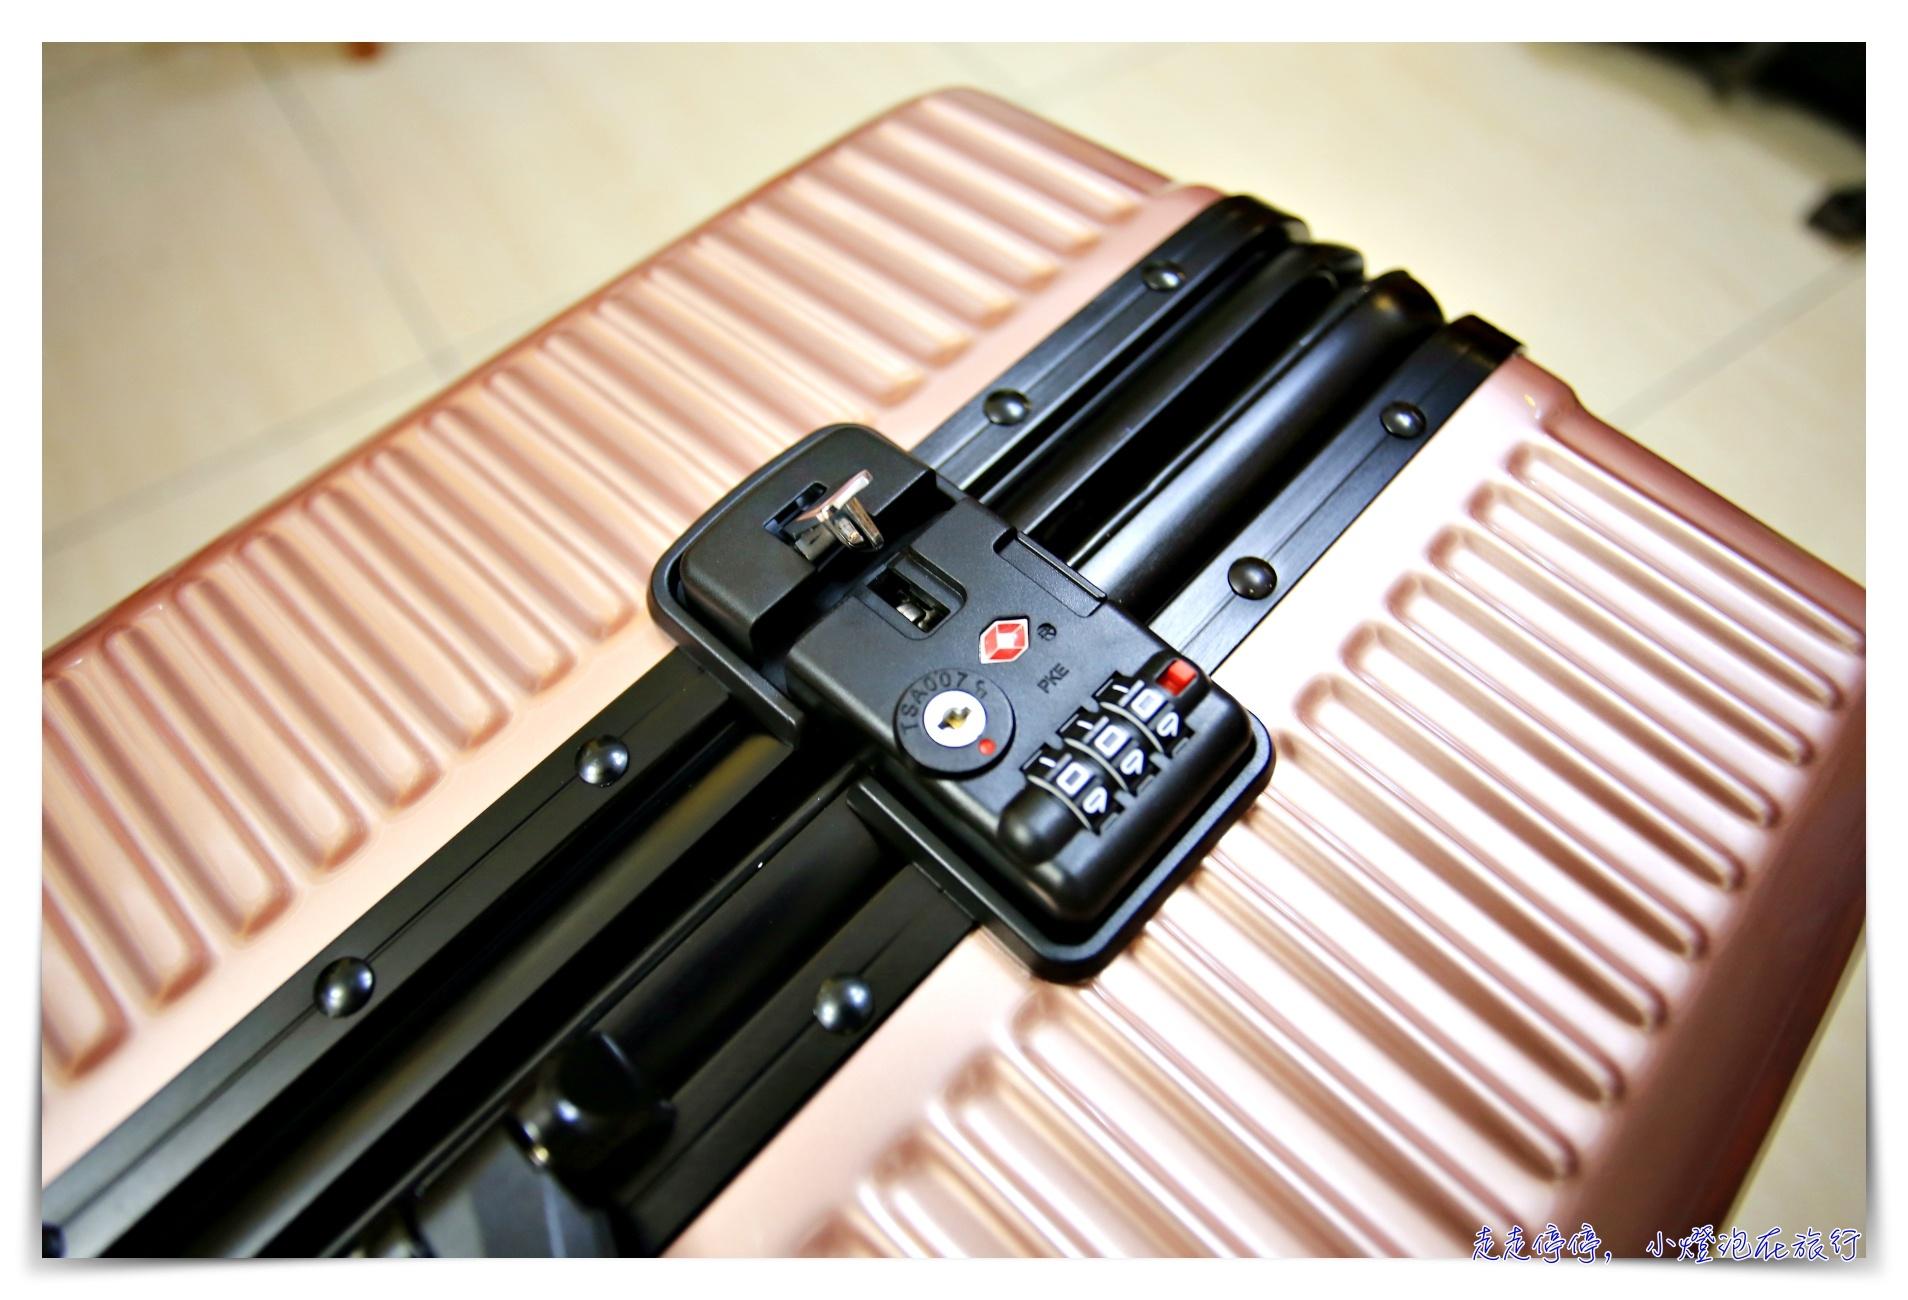 歐洲旅行行李箱裝什麼?首度公開行李箱必帶物品以及推薦使用的行李箱大小~航太斜紋鋁框避震輪旅行箱/行李箱